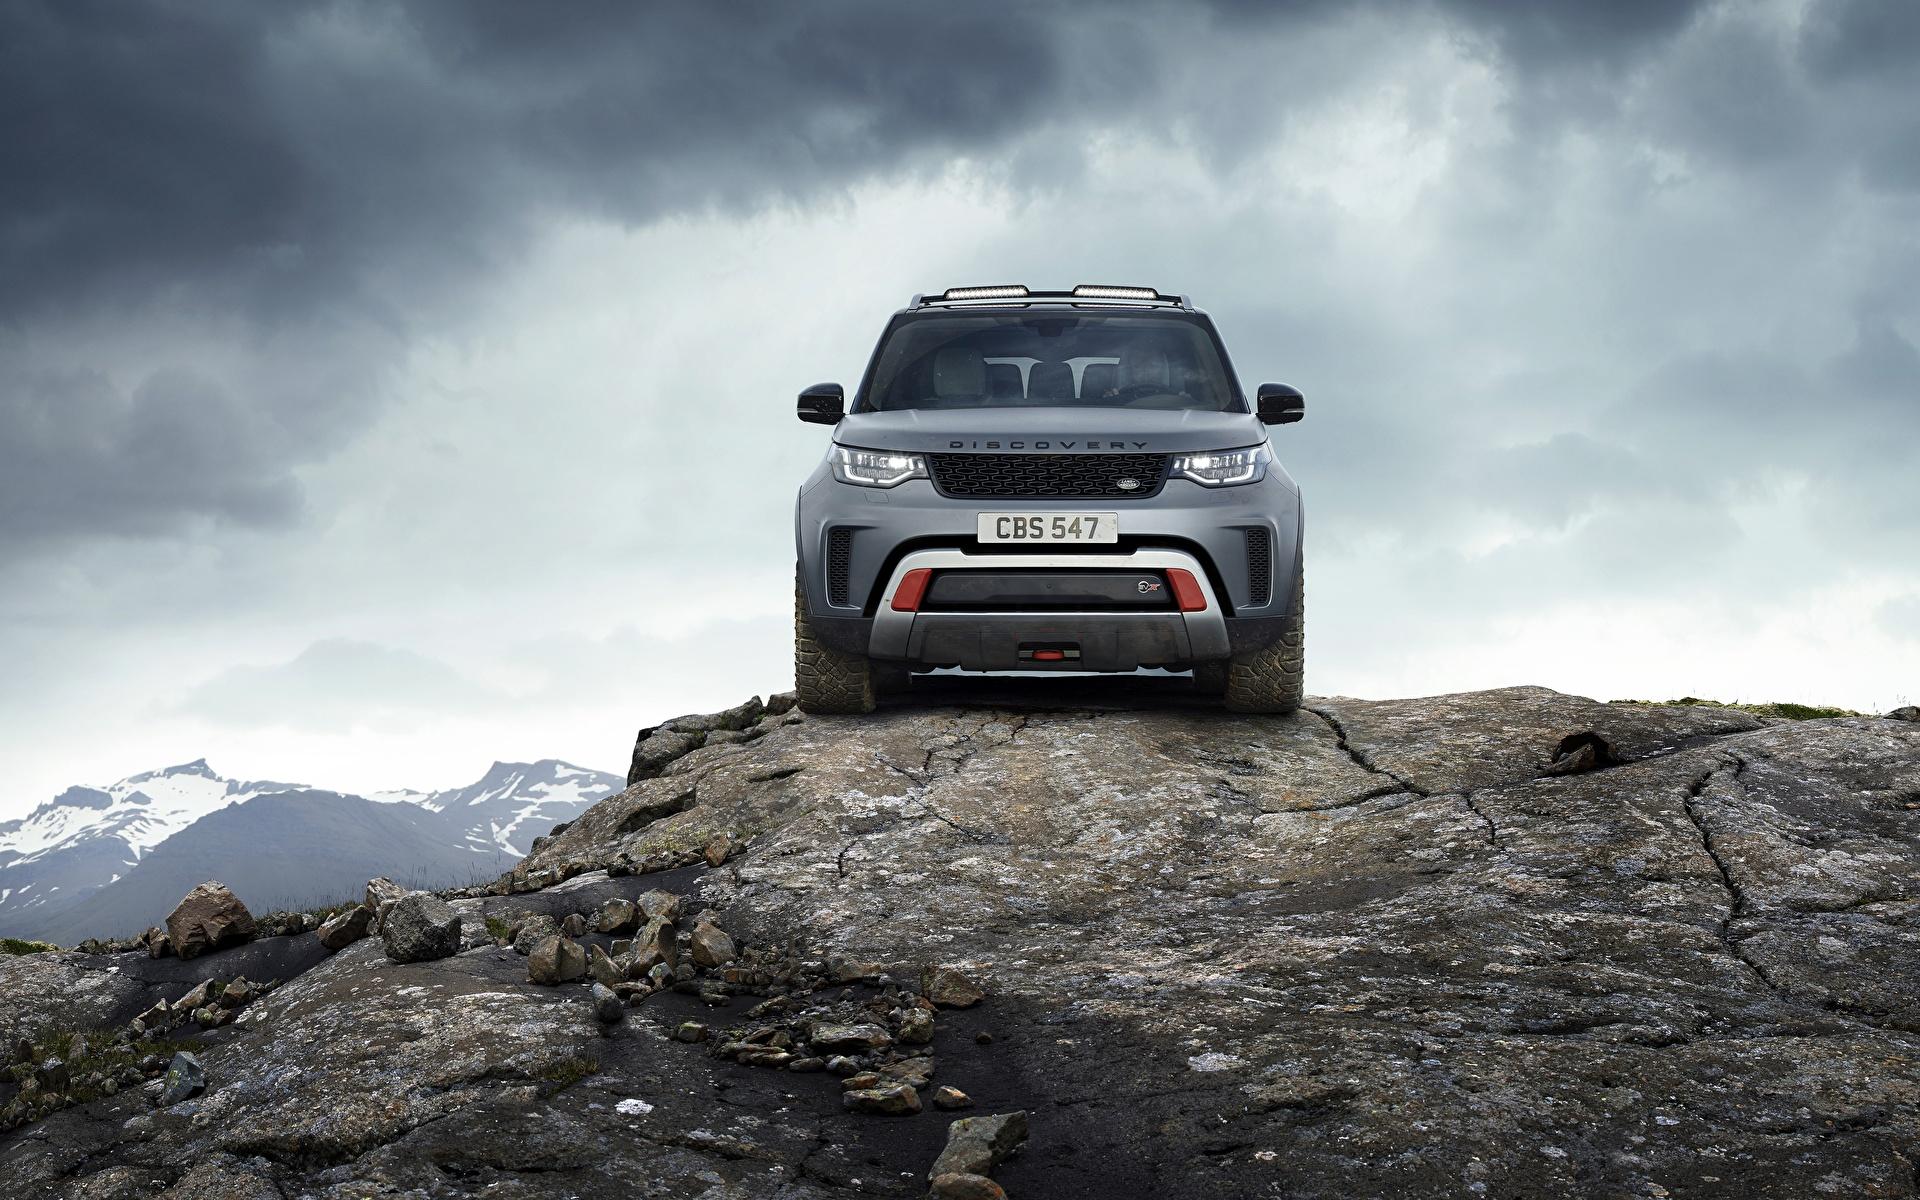 Фотографии Range Rover Внедорожник Discovery 4x4 2017 V8 SVX 525 скалы серая Камни Спереди Металлик Автомобили 1920x1200 Land Rover SUV Утес скале Скала Серый серые авто Камень машины машина автомобиль